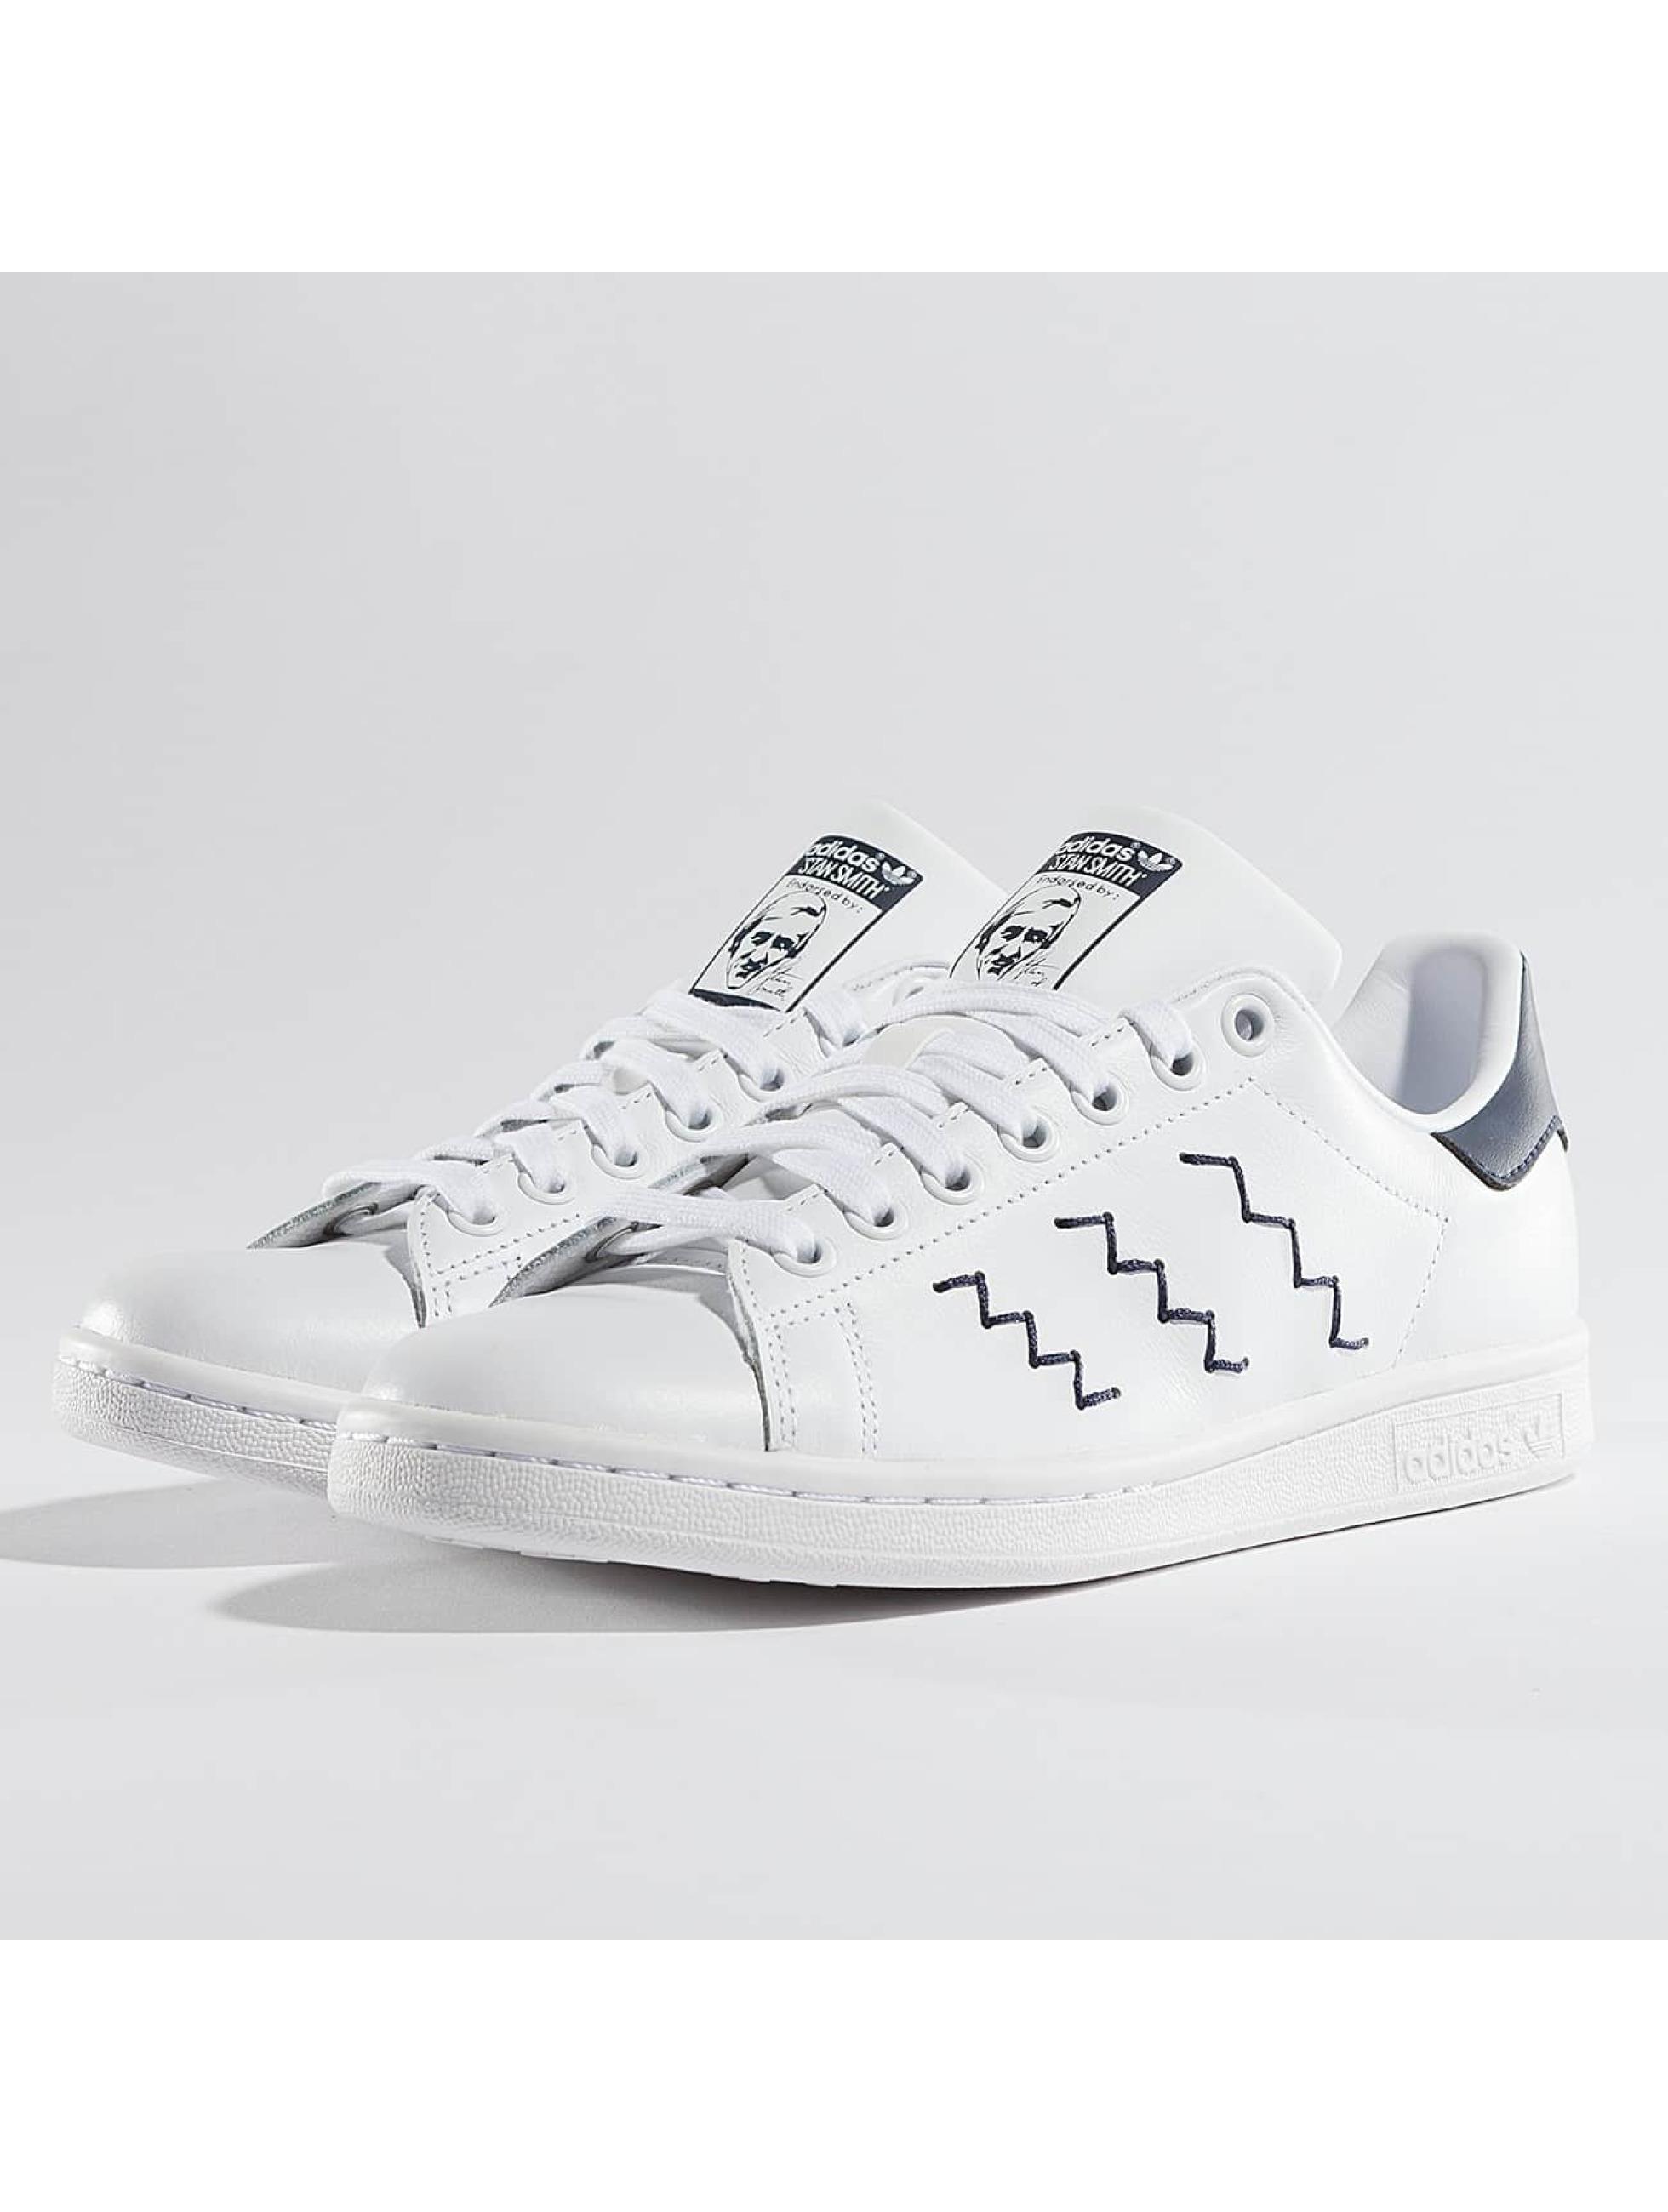 Damen Adidas Turnschuhe weiß Klasse seiner in Stelle erster